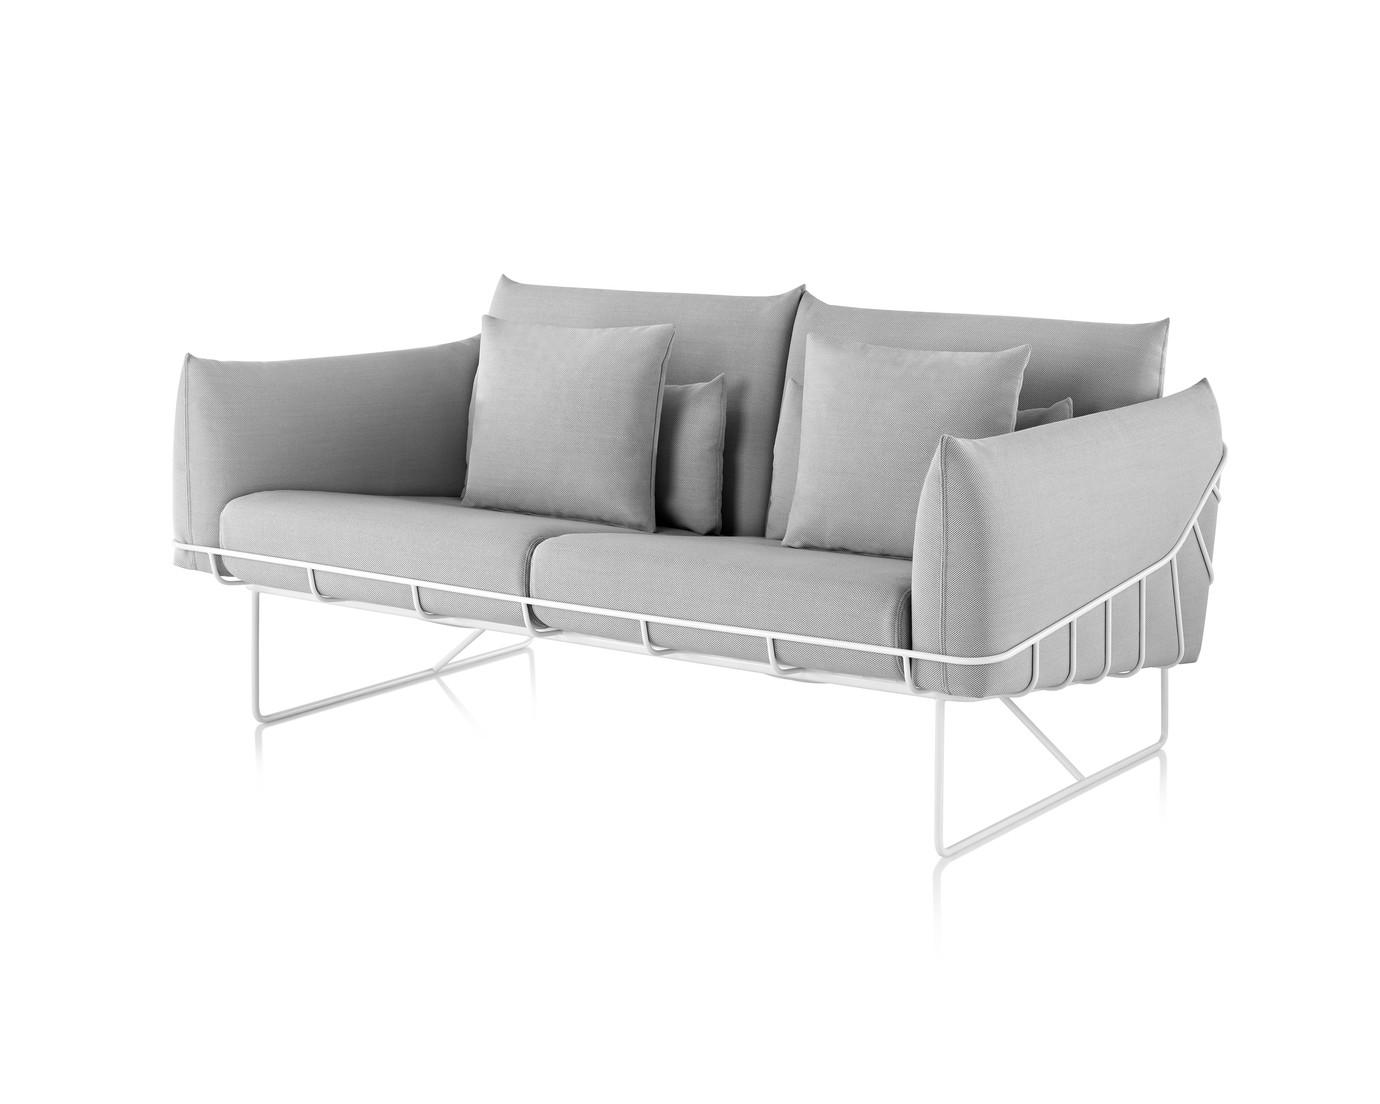 4-Silla-Lounge-Wireframe-Beauty-1380